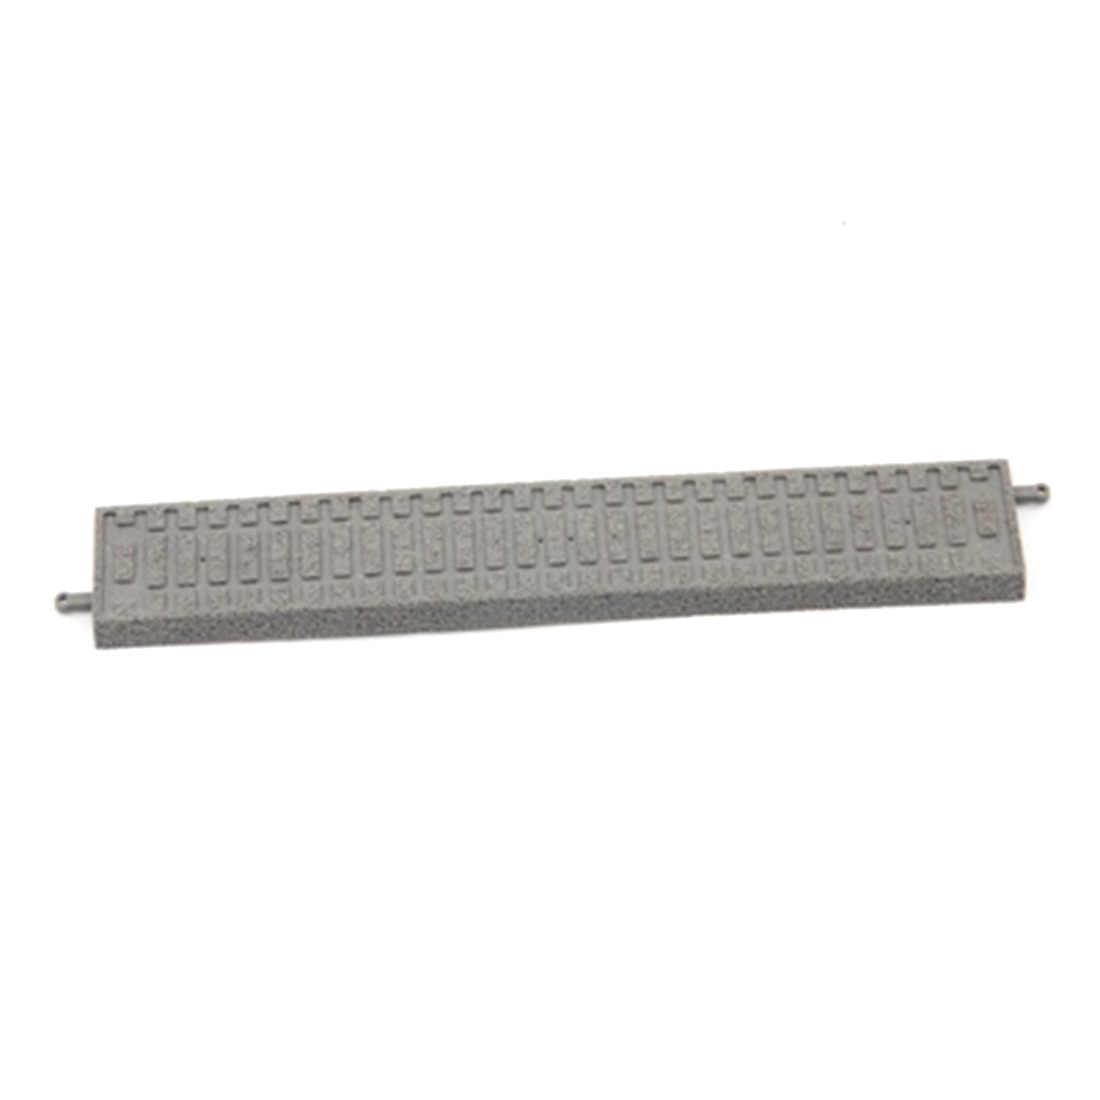 HO skala 1: 87 231mm proste śledzić drogi zestaw śrub do model pociągu Ho skala model pociągu akcesoria